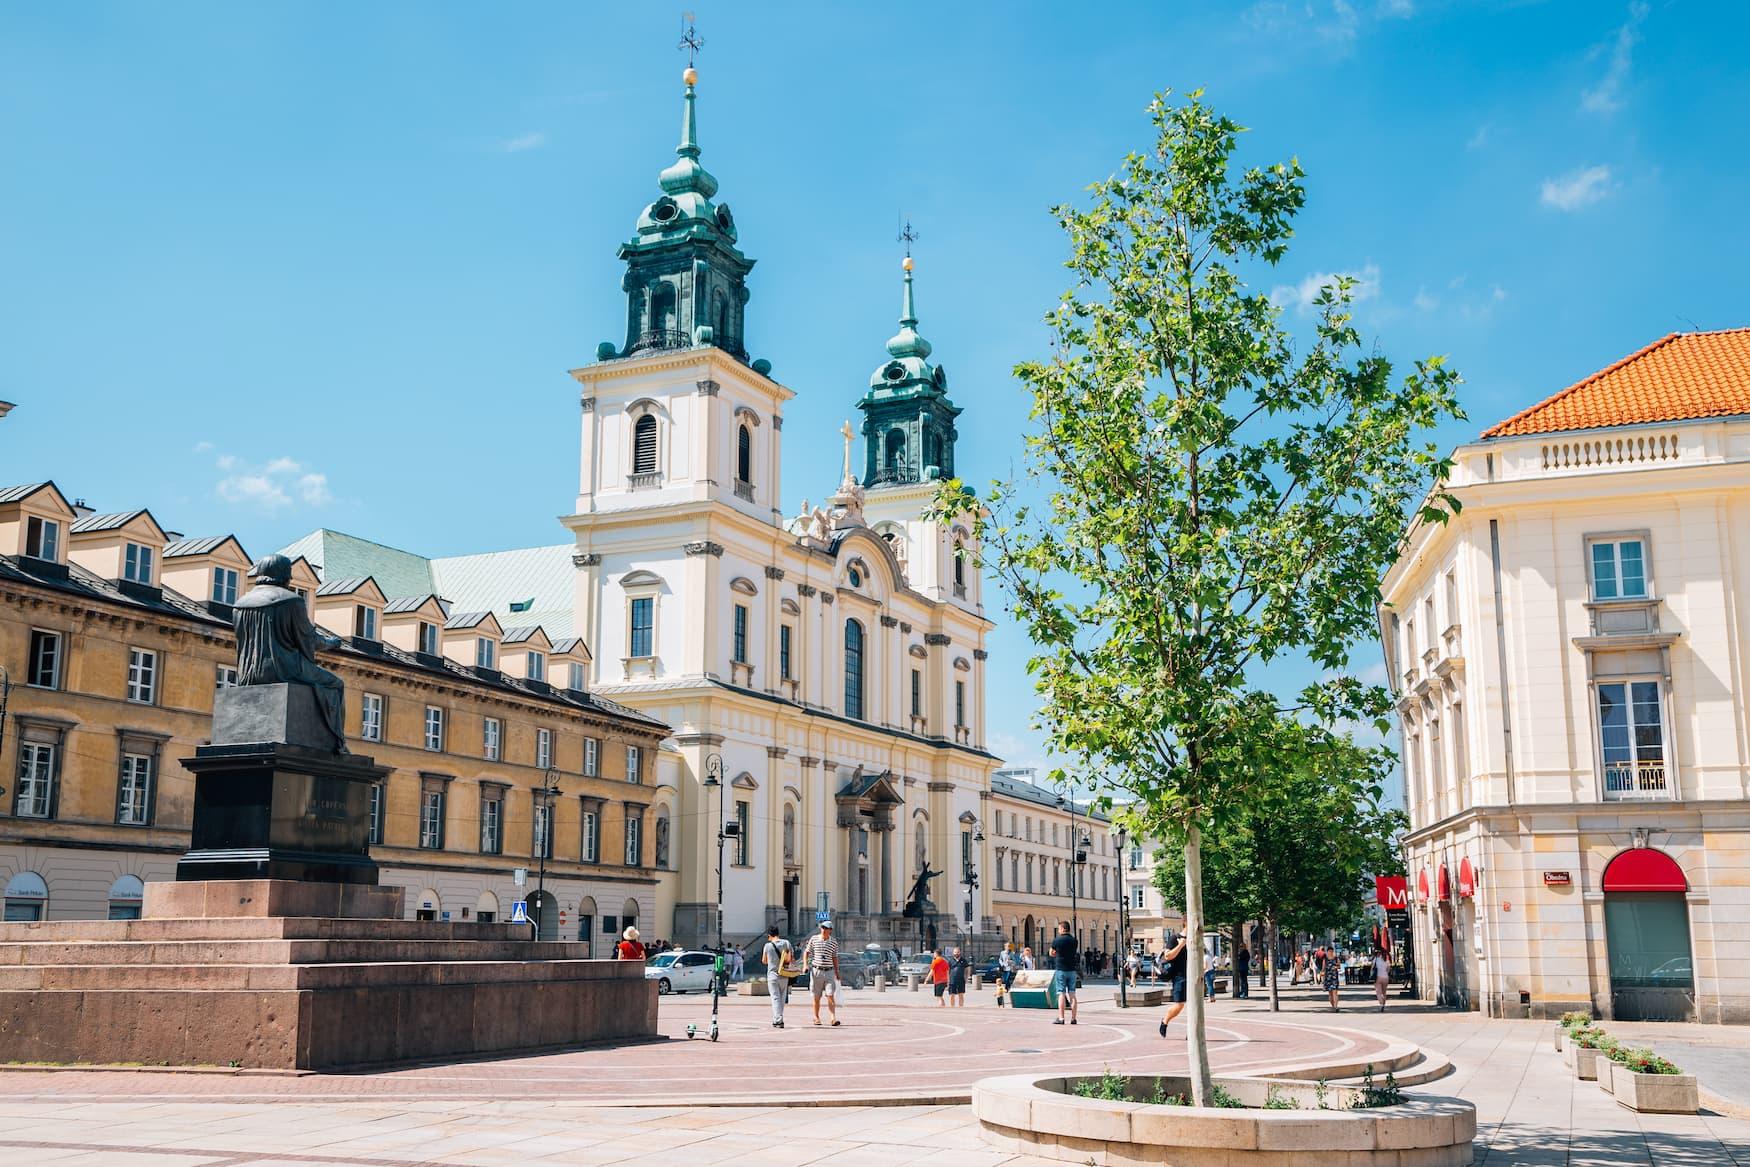 Kopernikus-Statue im Stadtzentrum von Warschau